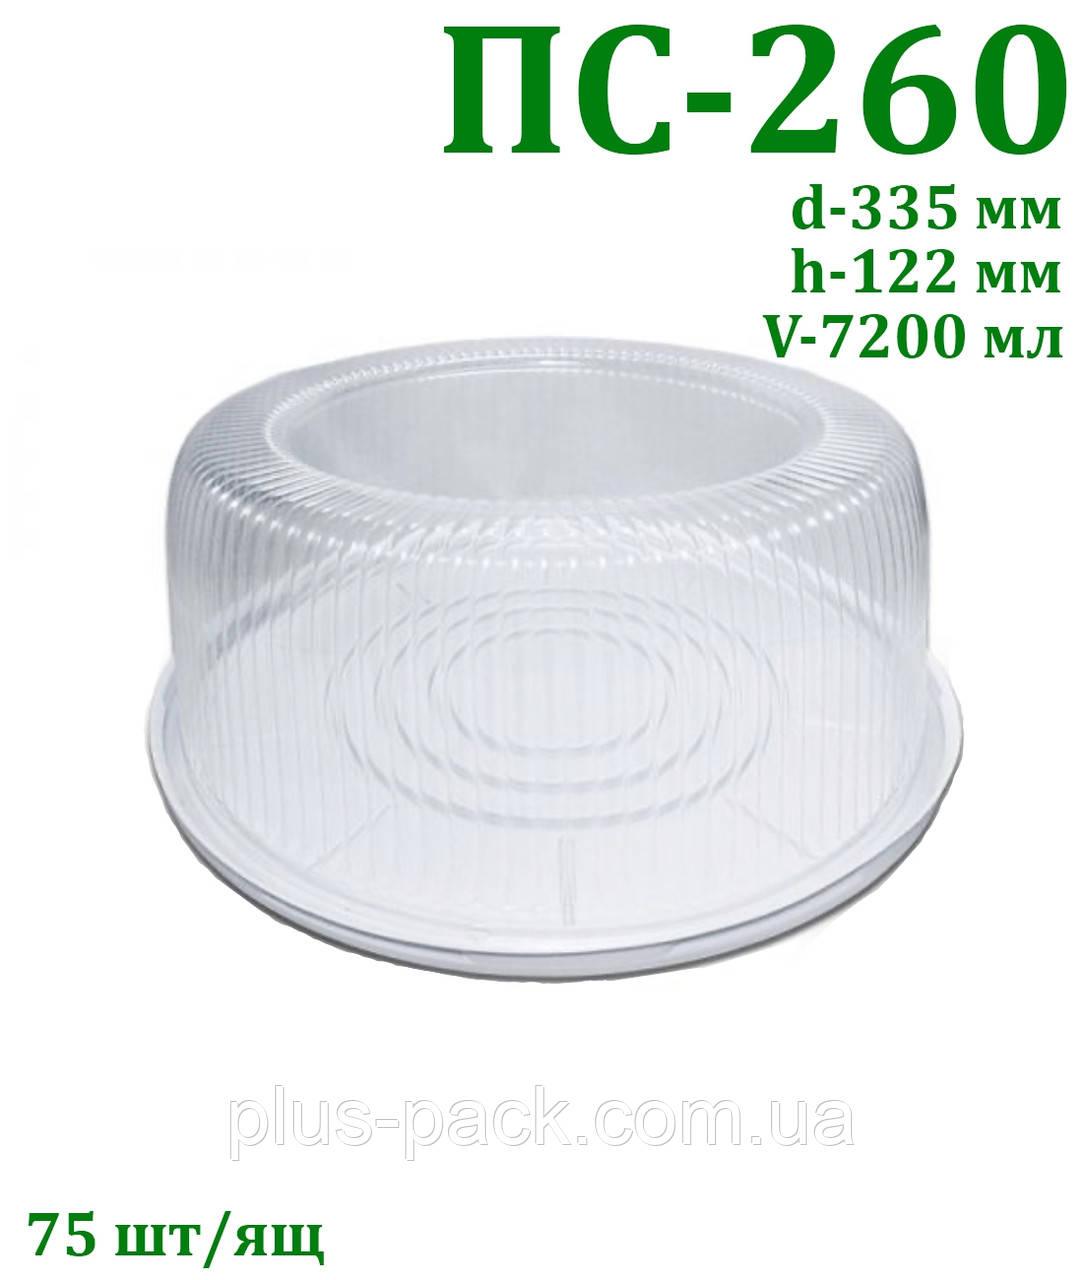 Пластиковая Упаковка для тортов (3 кг),75шт/ящ